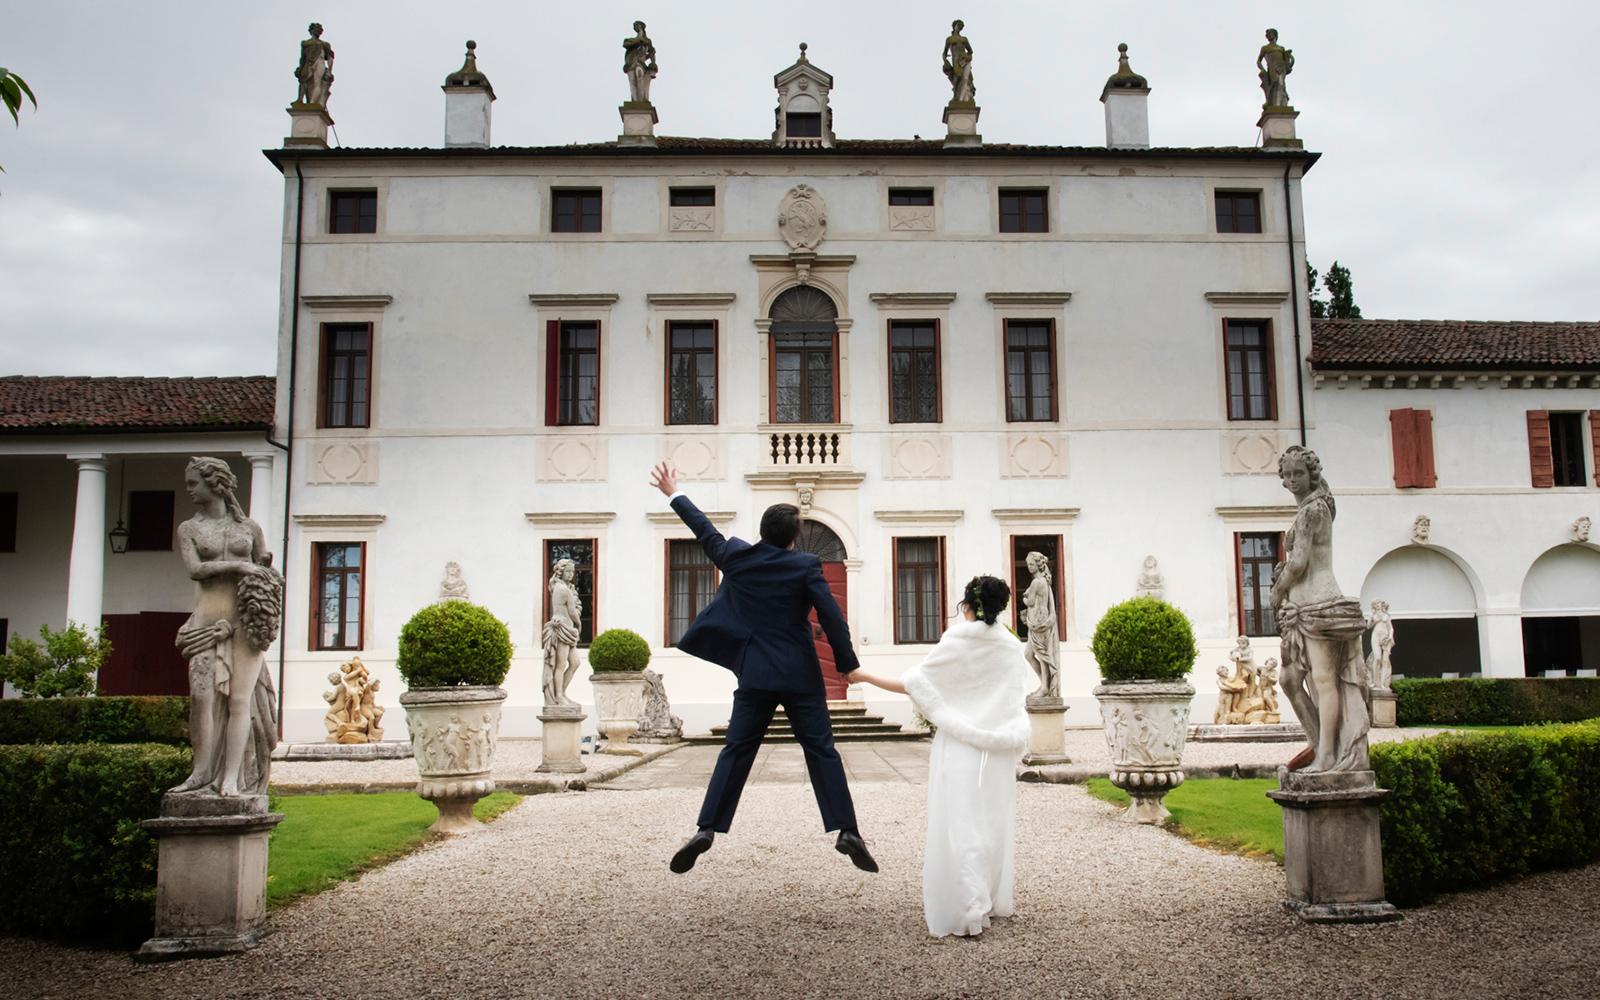 Location matrimonio Vicenza, location matrimoni Padova,, villa per matrimoni Vicenza, location matrimoni Vicenza, location matrimonio Padova , giardino esterno per eventi Vicenza, Villa Canal